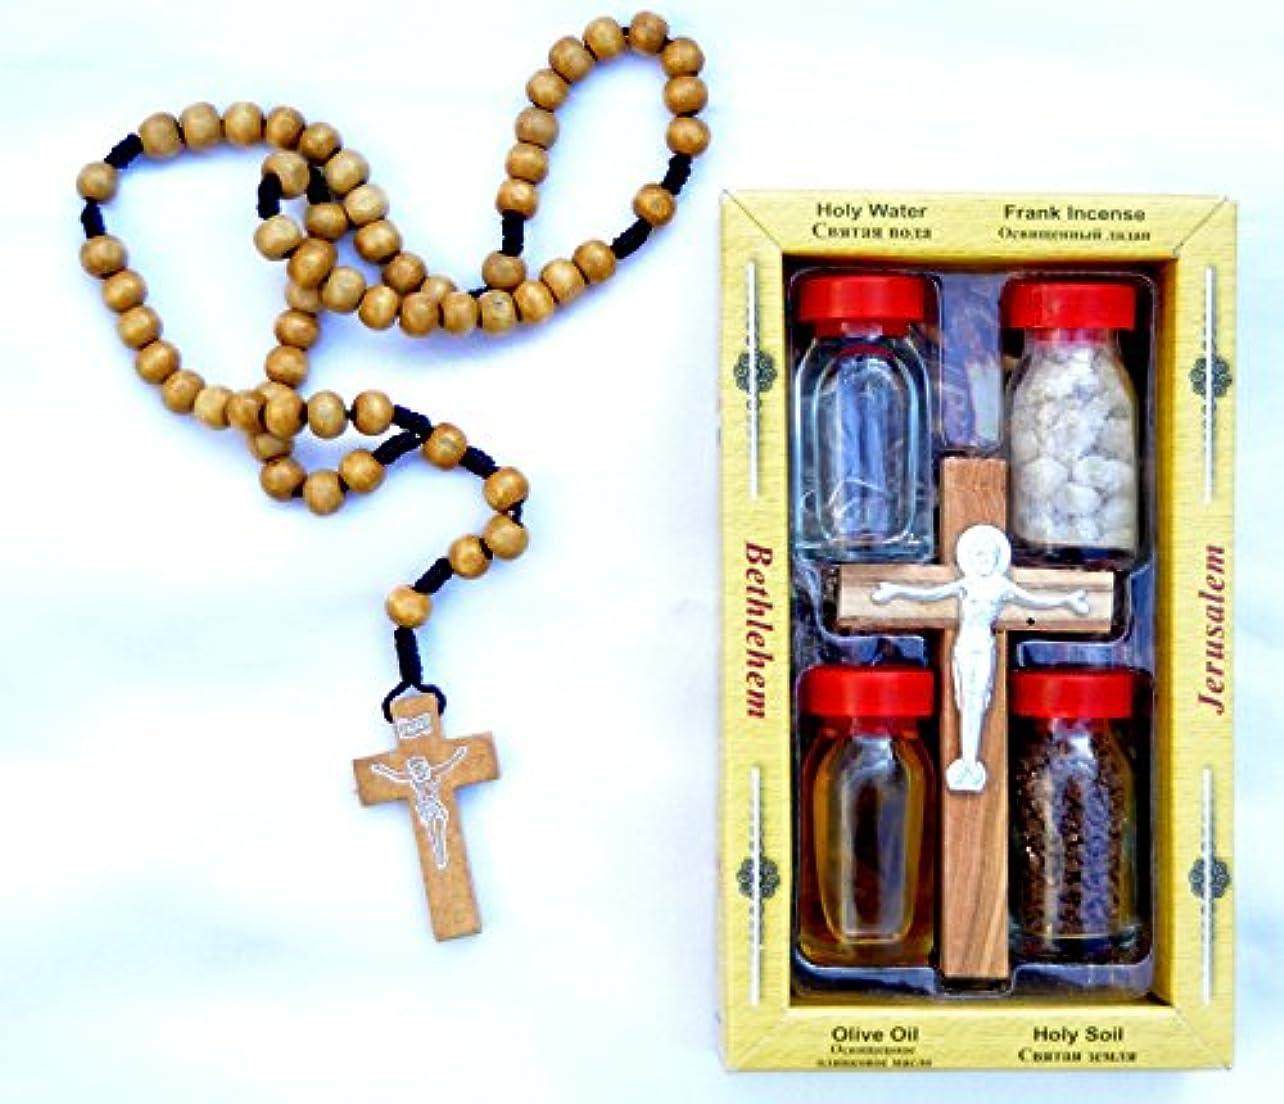 聖人広げるイブニングBethlehem Gifts TM 聖地ギフトセット (土 水 油香 十字架) 木製ビーズのロザリオ